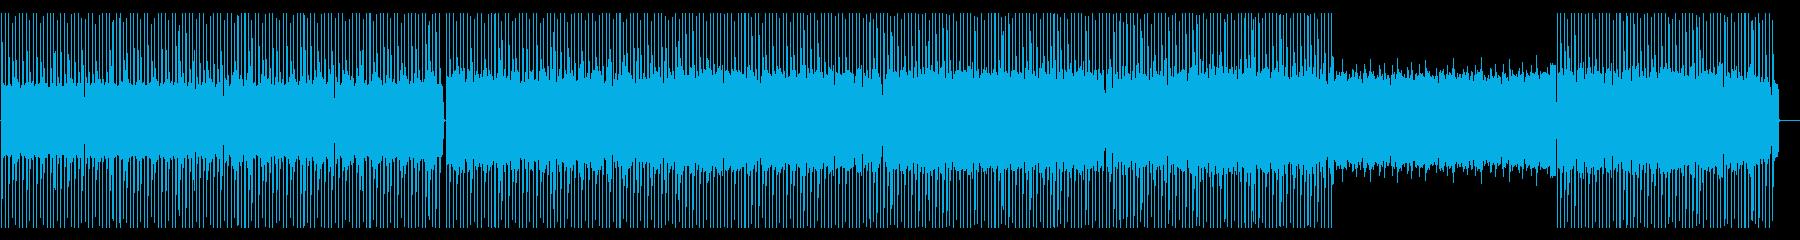 破壊的な雰囲気のテクノ曲の再生済みの波形